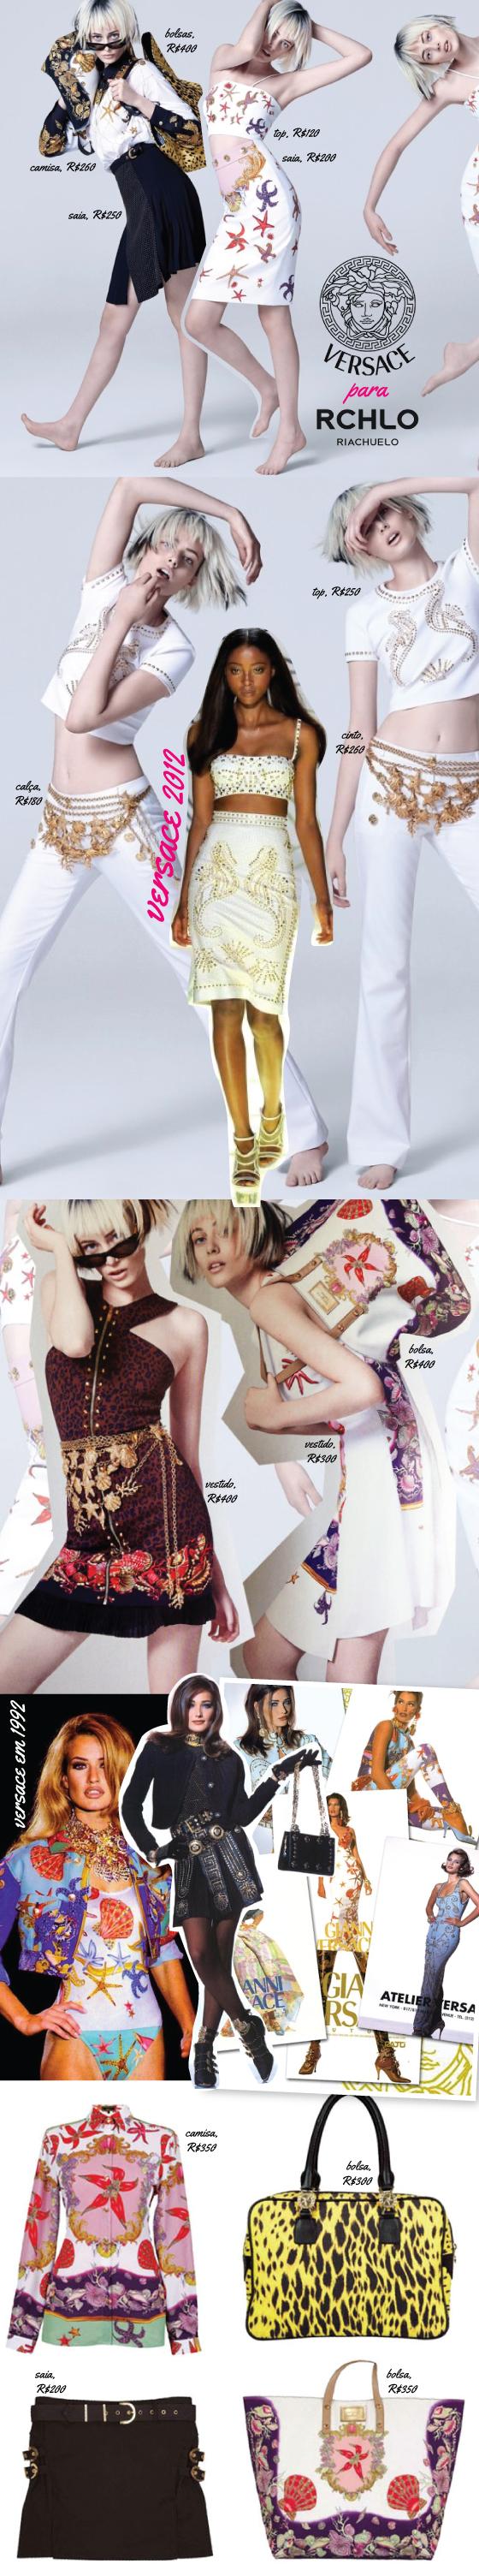 versace-para-riachuelo-2014-parceria-fast-fashion-estampas-preco-novembro